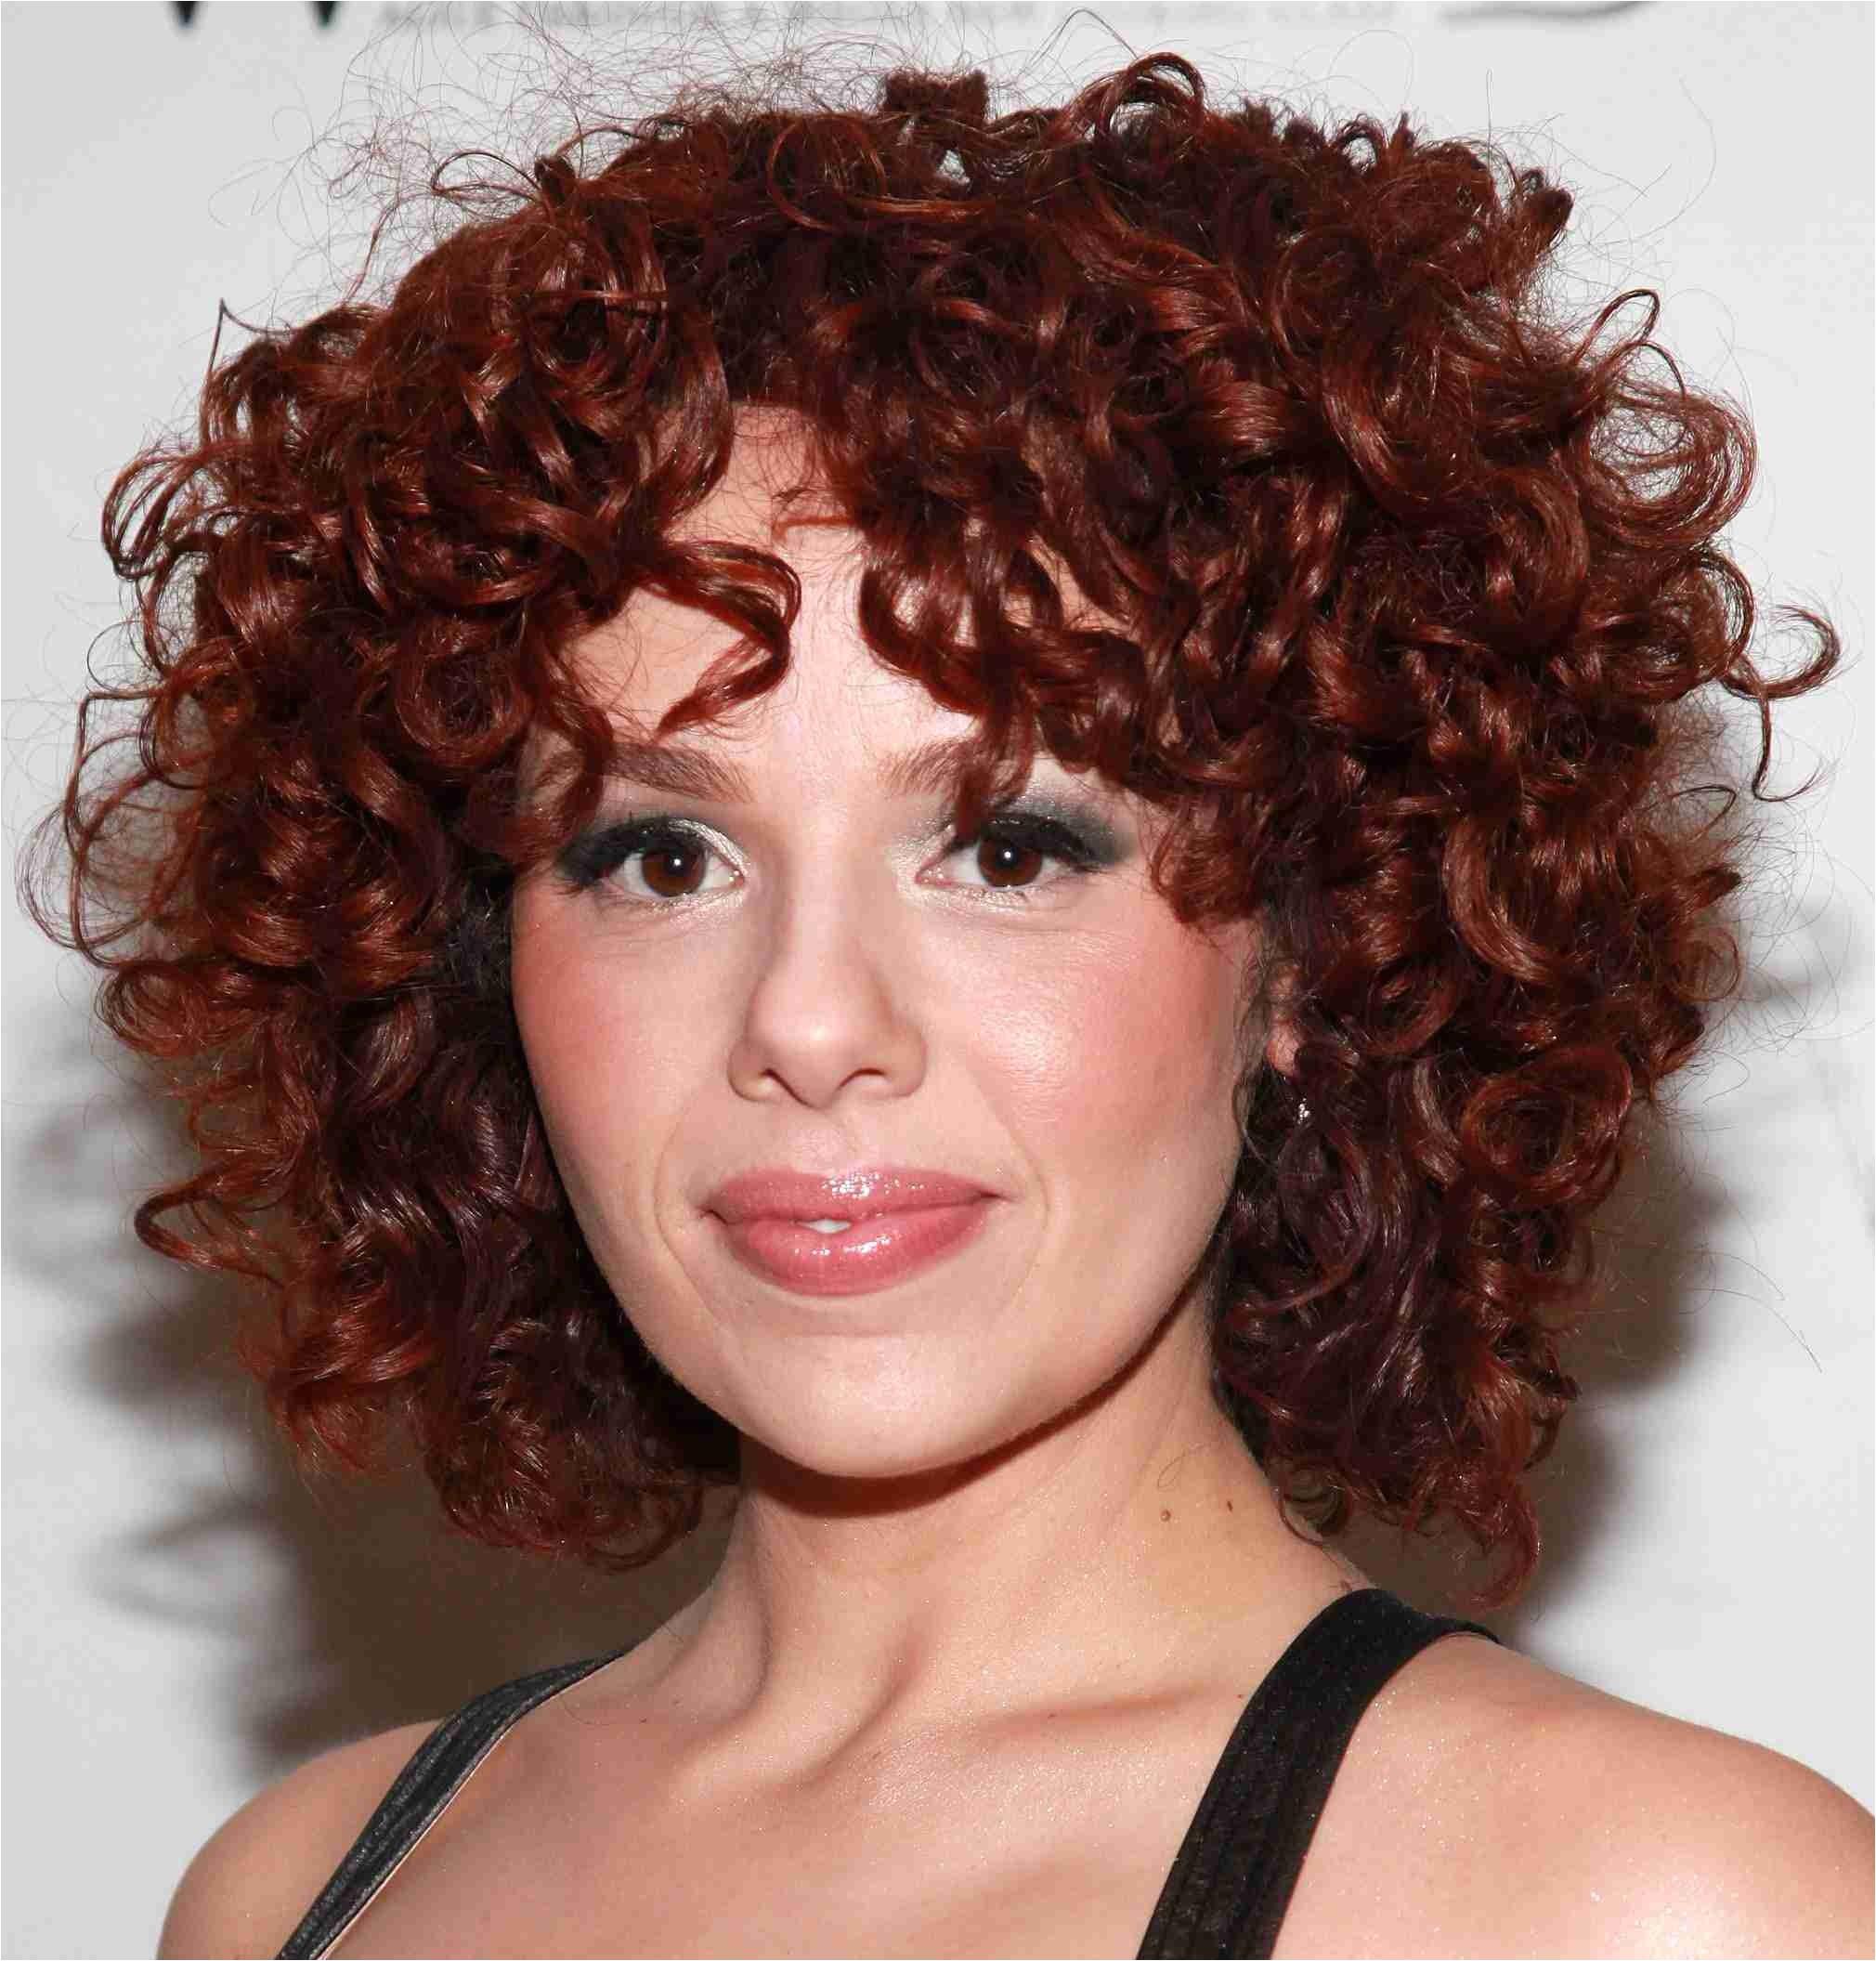 curly hair 4 56a0805d5f9b58eba4b10d70